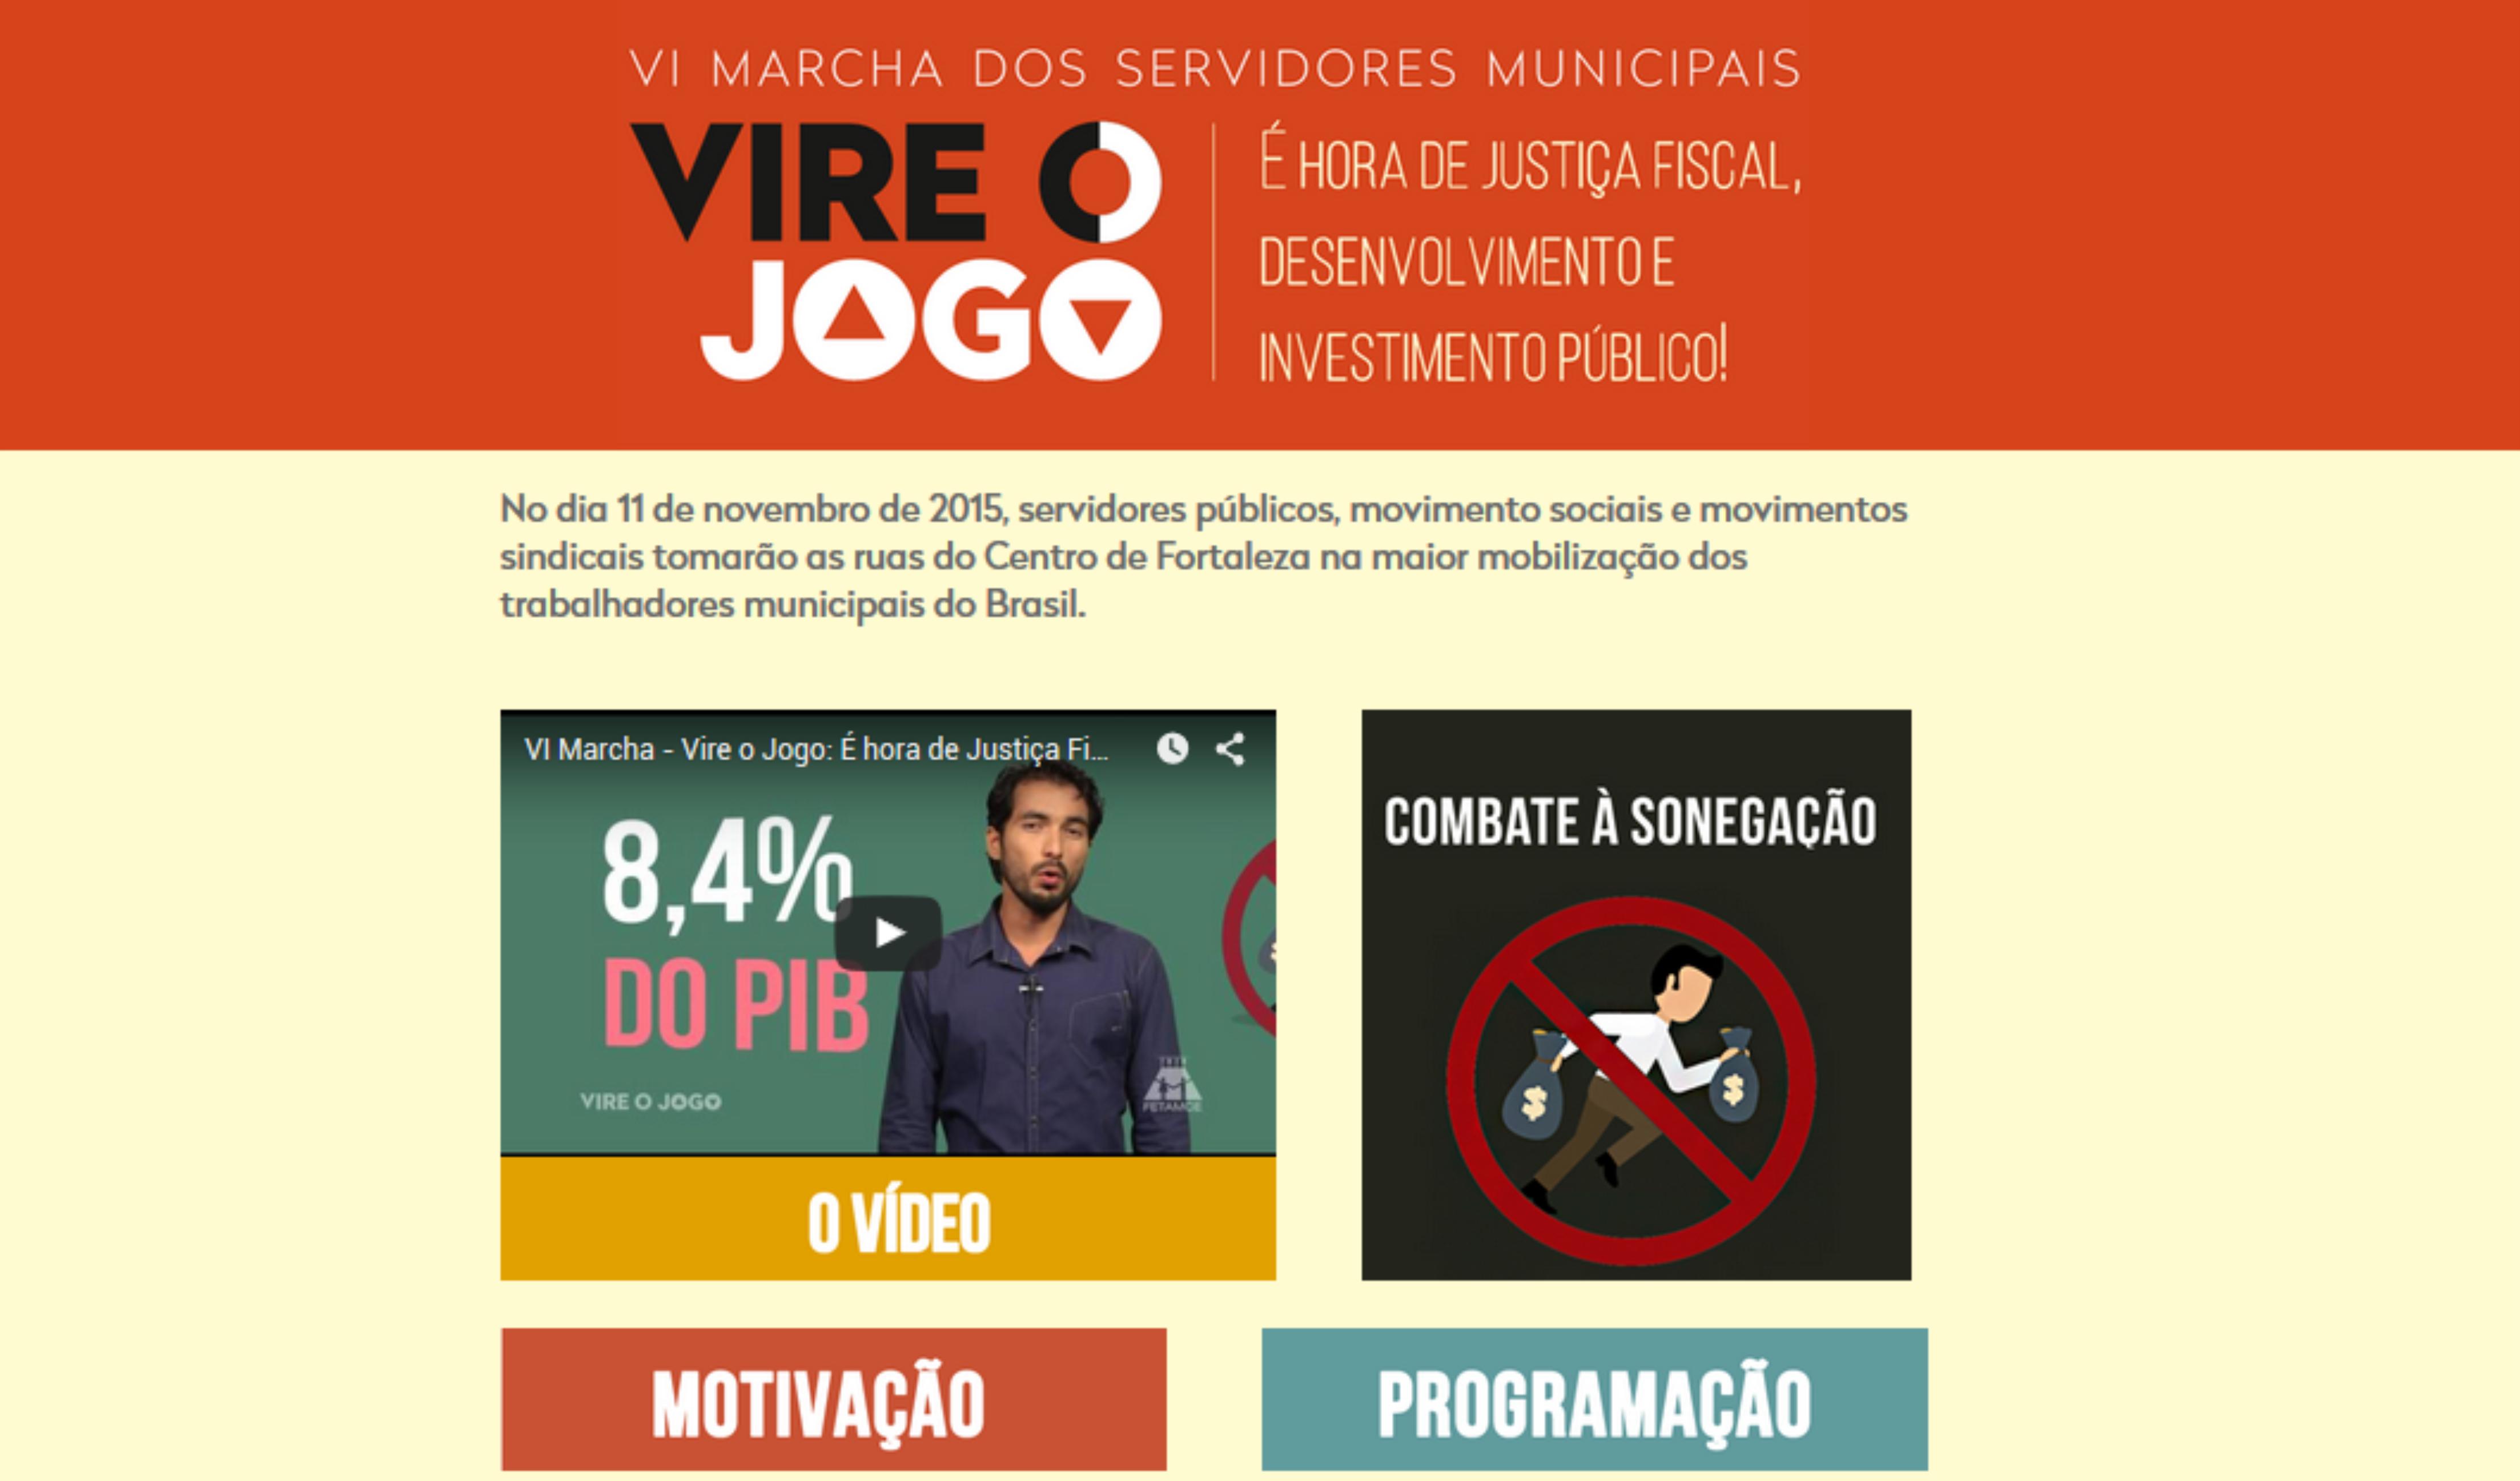 """Fetamce lança hotsite com conteúdo da campanha """"Vire o Jogo"""""""